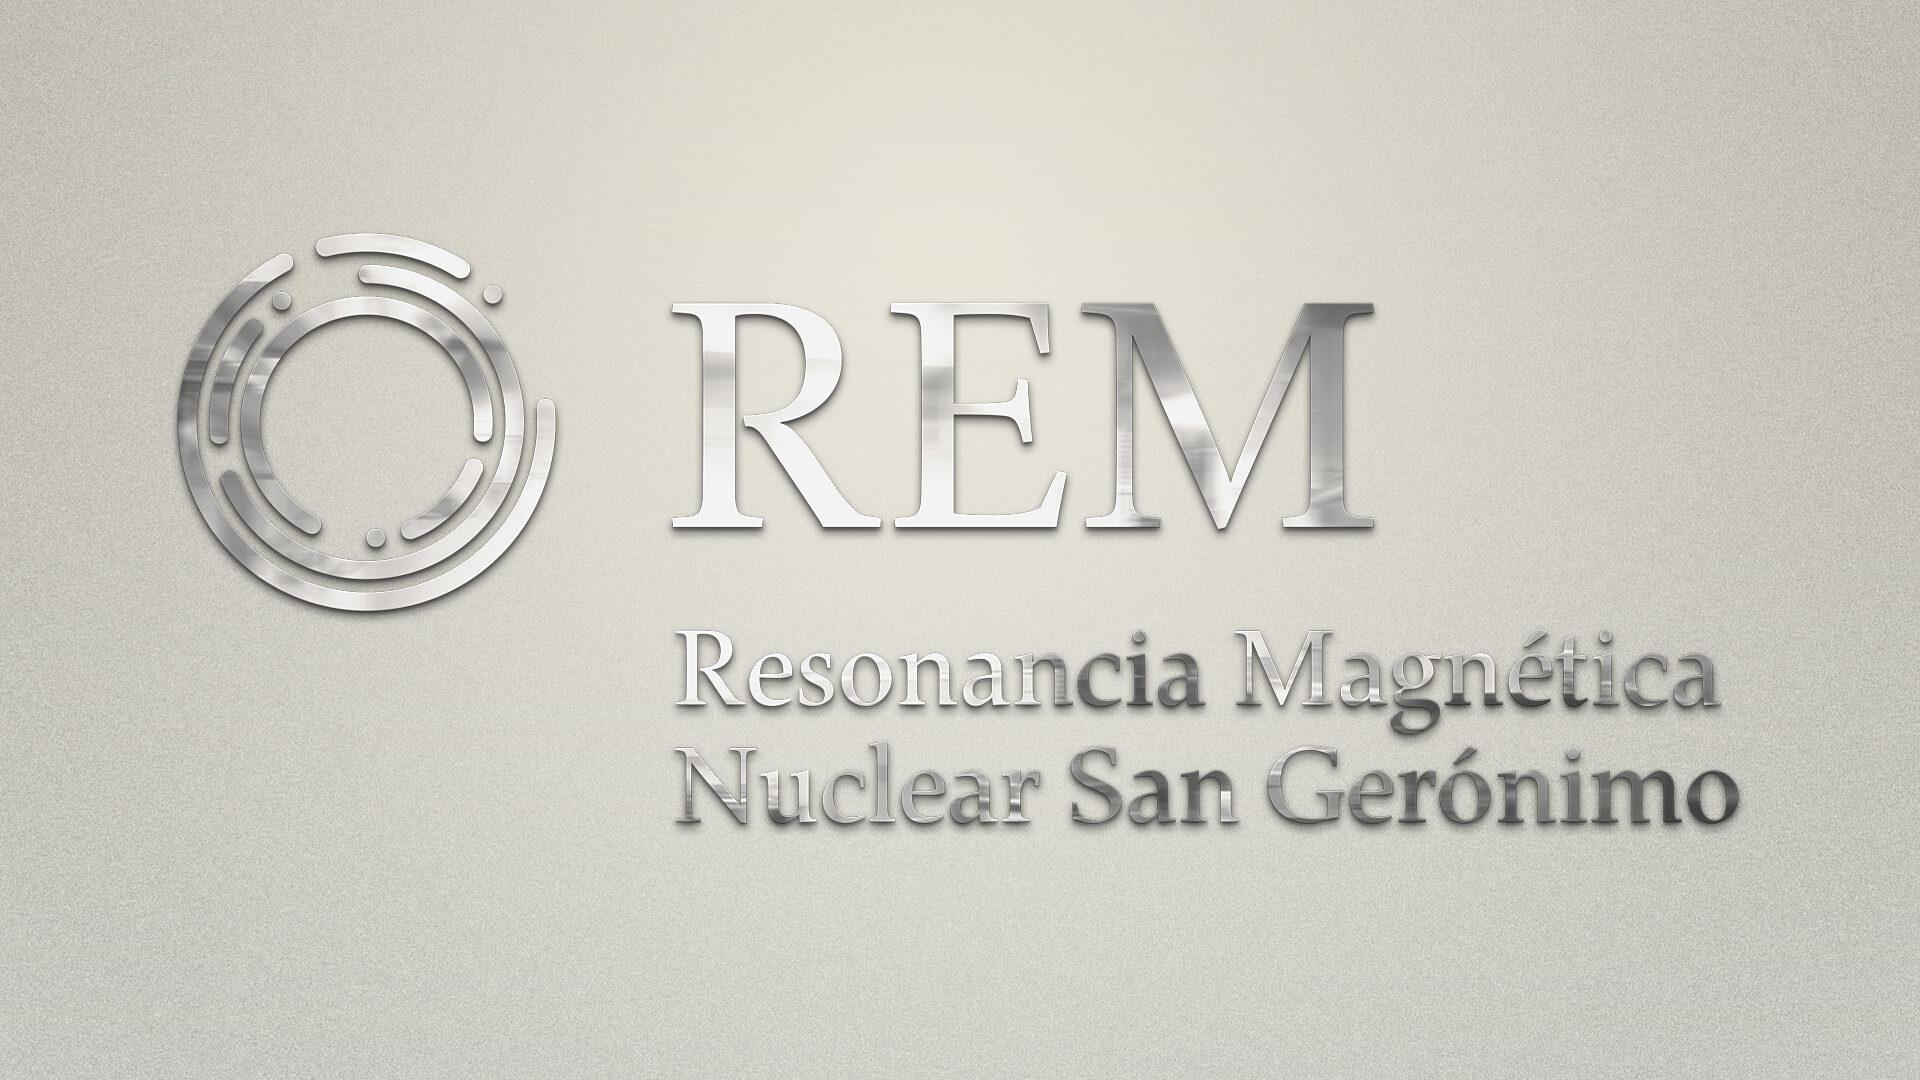 Servicio de Imágenes por Resonancia Magnética Nuclear: ambientación.